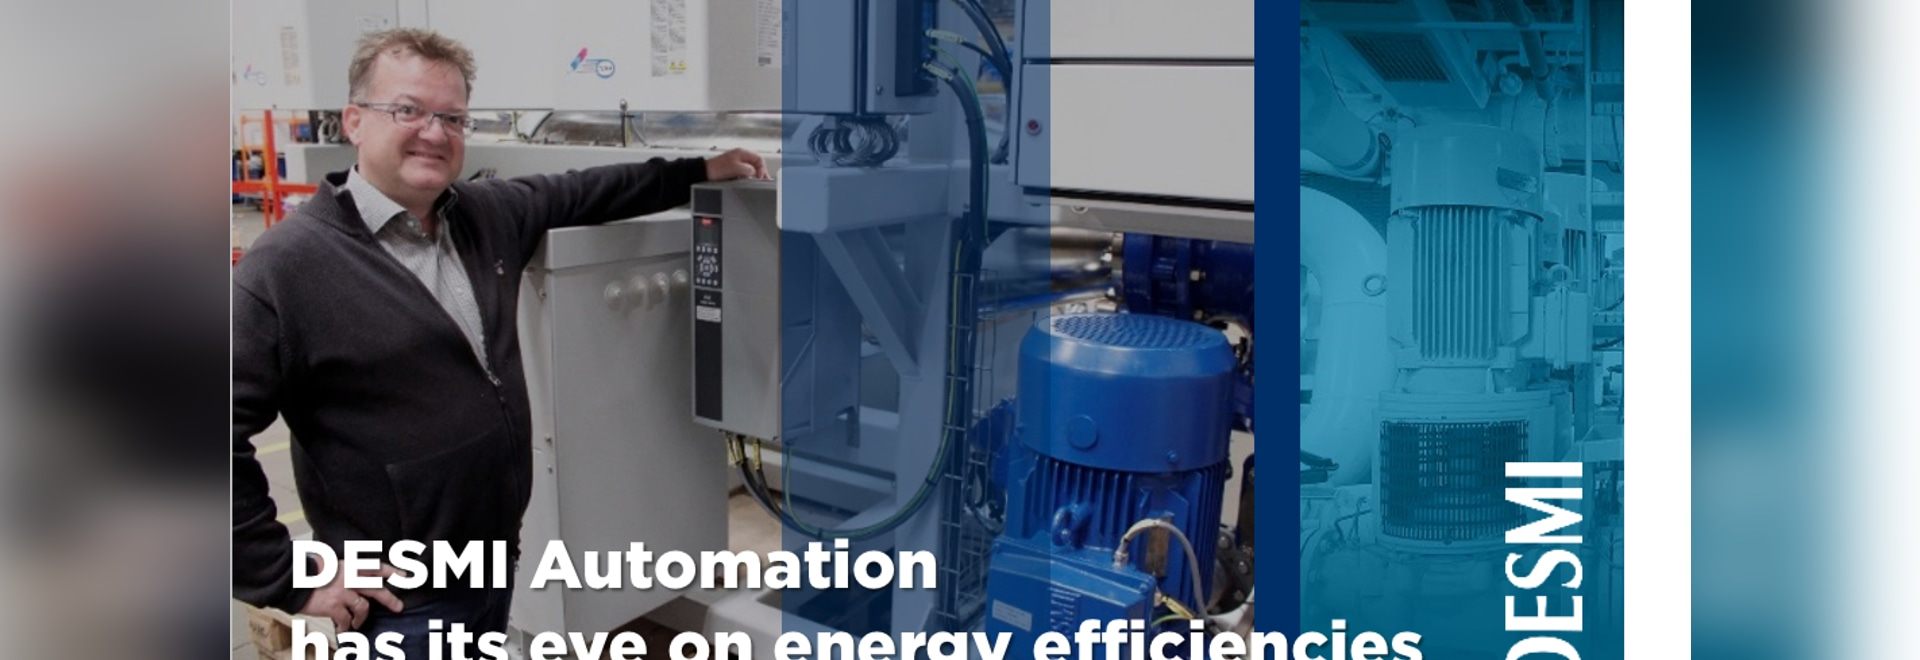 L'automation de DESMI a son oeil sur des rendements énergétiques